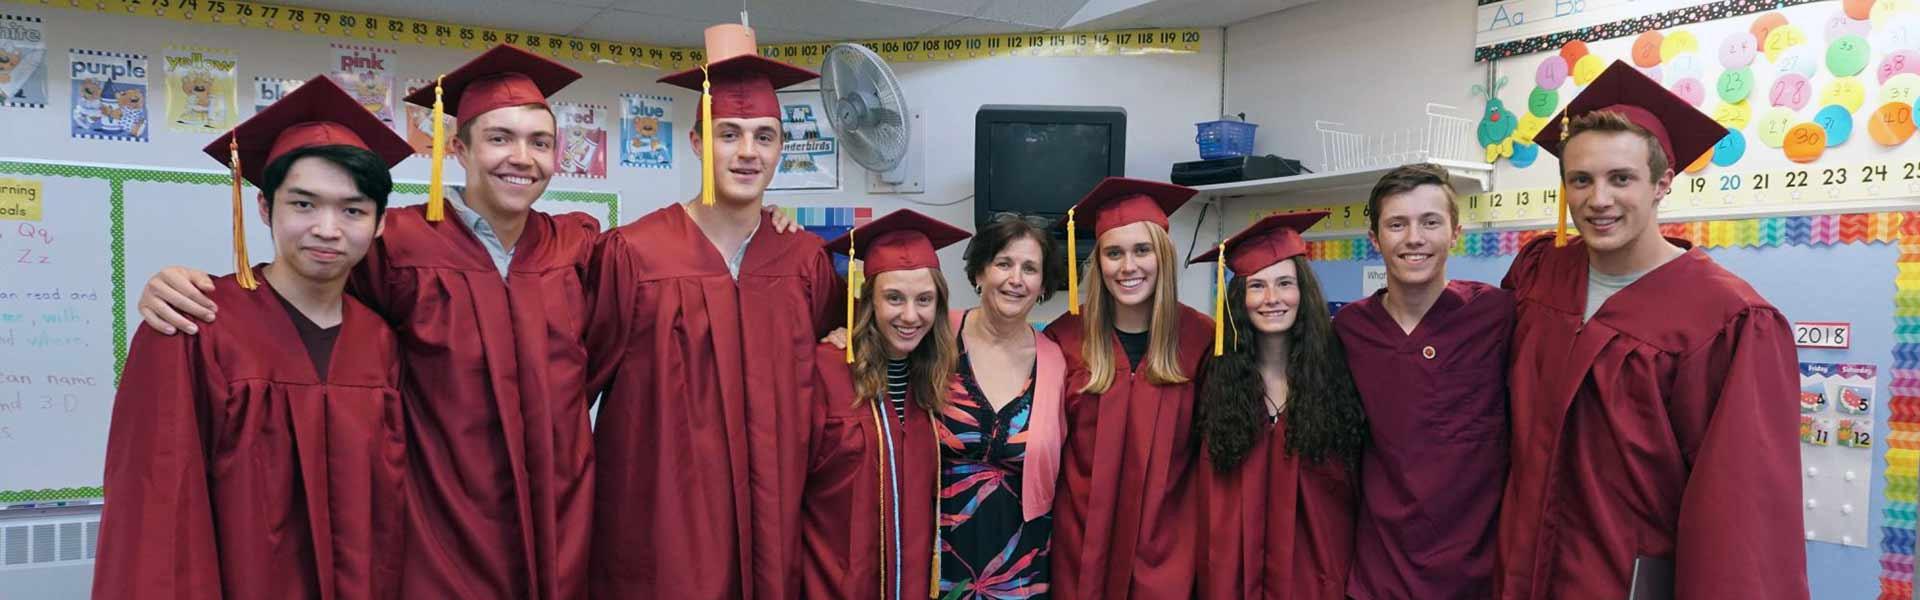 Poudre-School-District-Public-CO-Graduates-Banner-2020